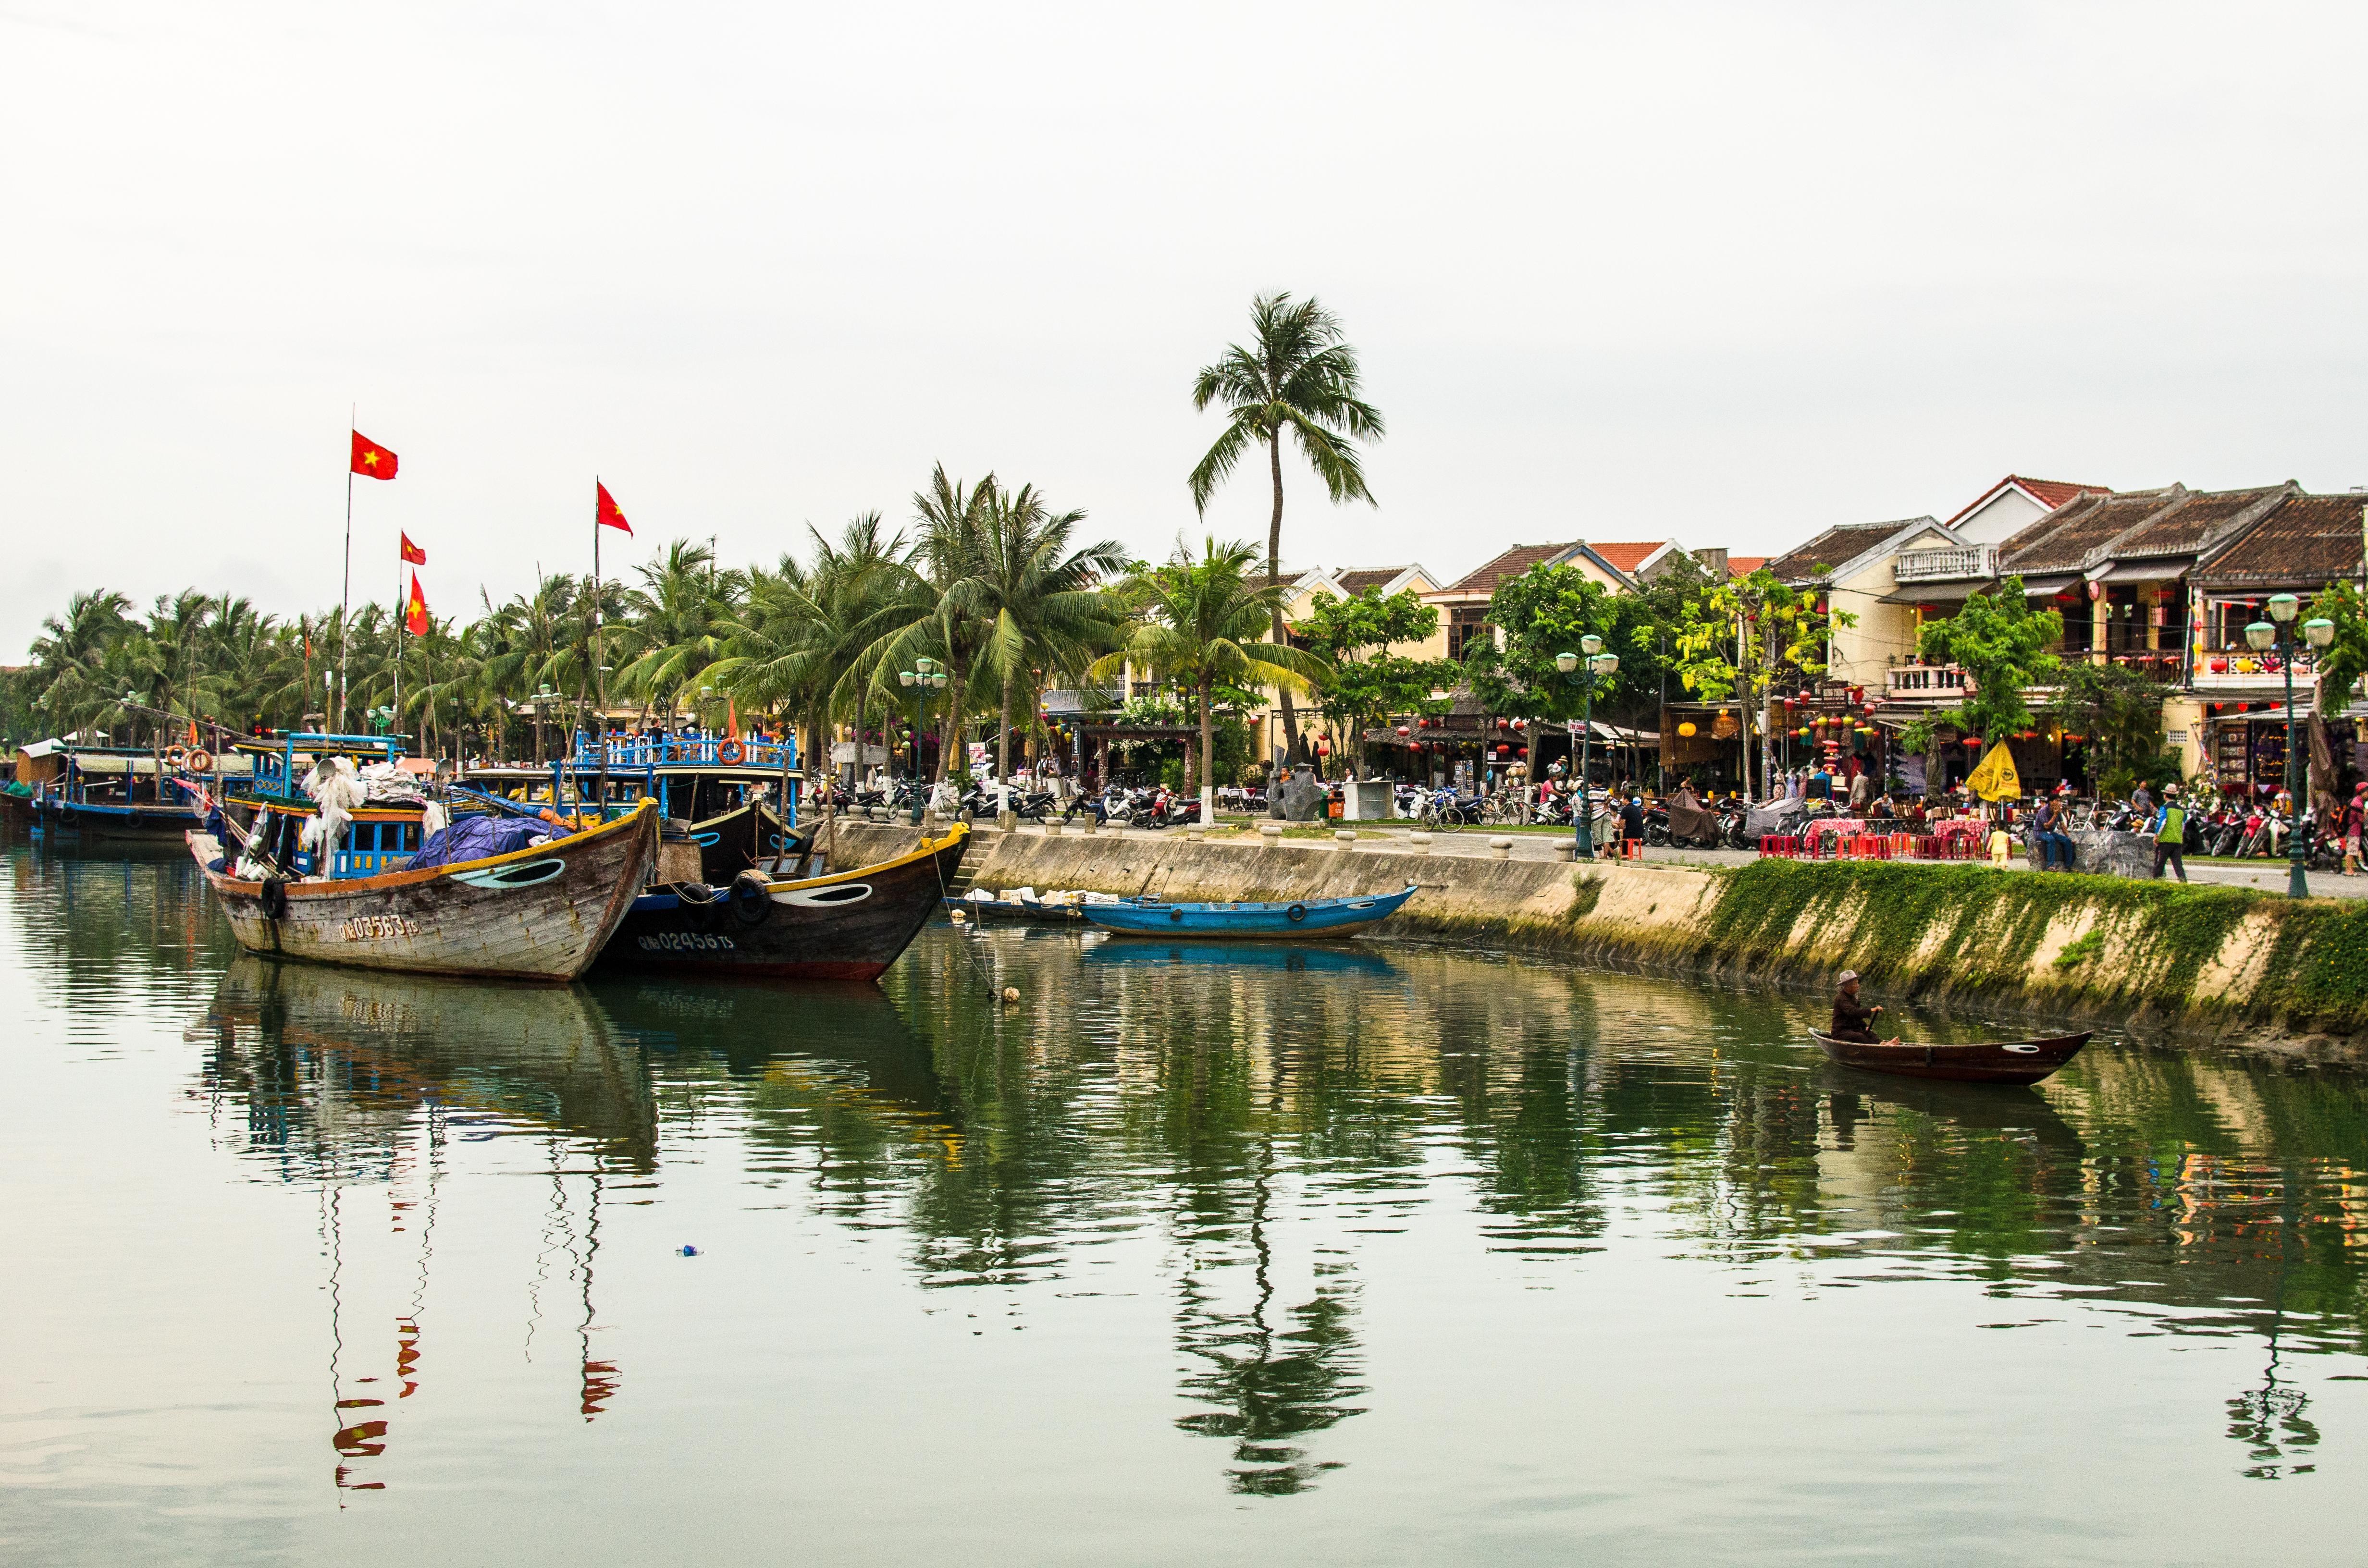 Hoi An - Thu Bon River